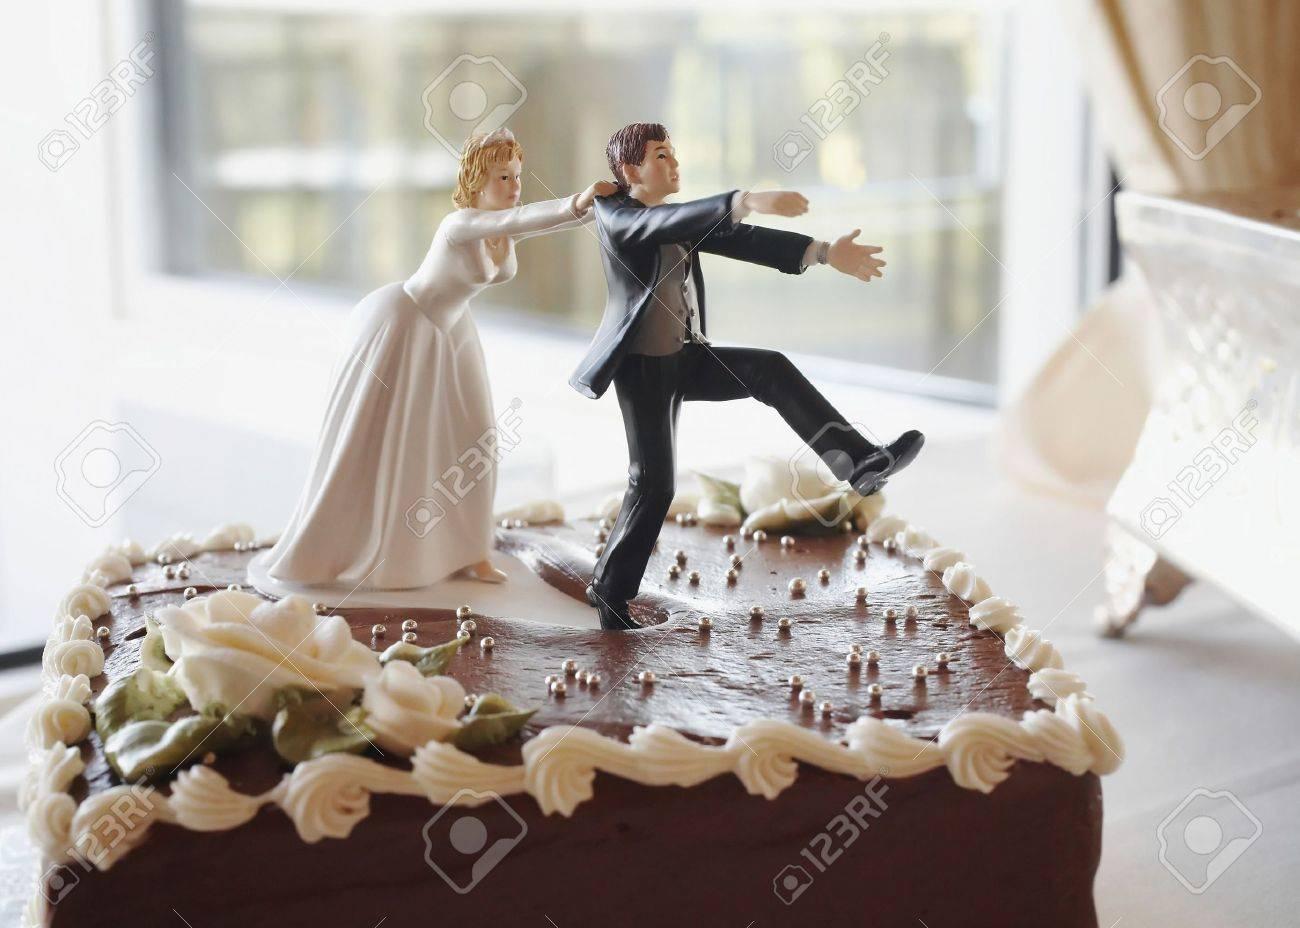 Funny Hochzeitstorte Oben Braut Brautigam Jagd Lizenzfreie Fotos